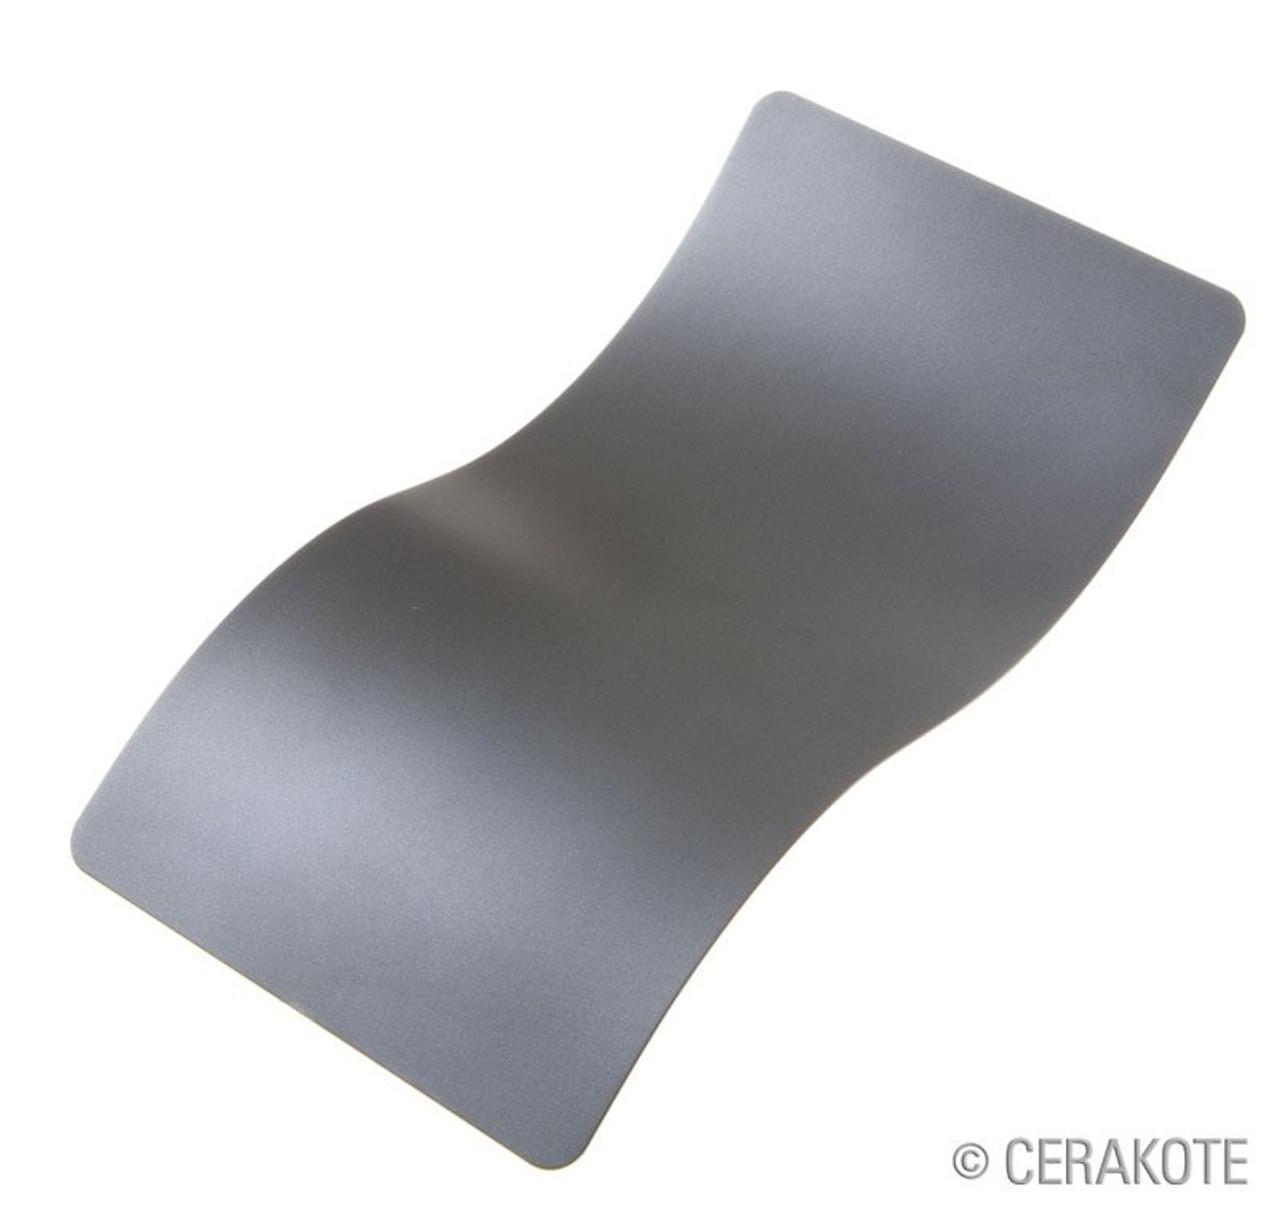 Cerakote Micro Slick Dry Film Coating